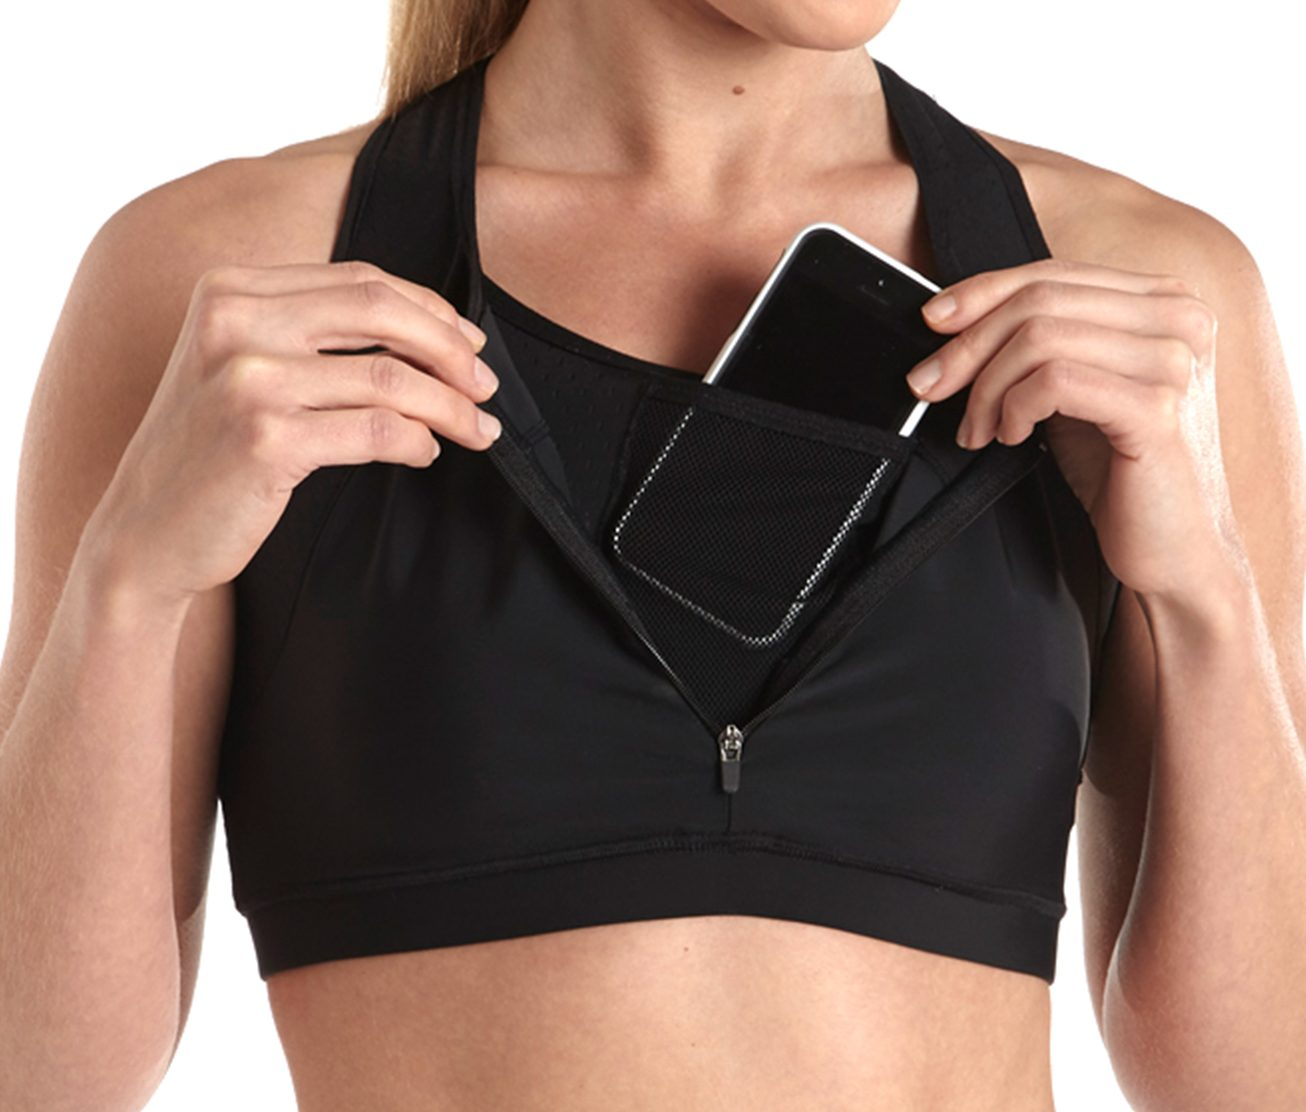 phone in sports bra